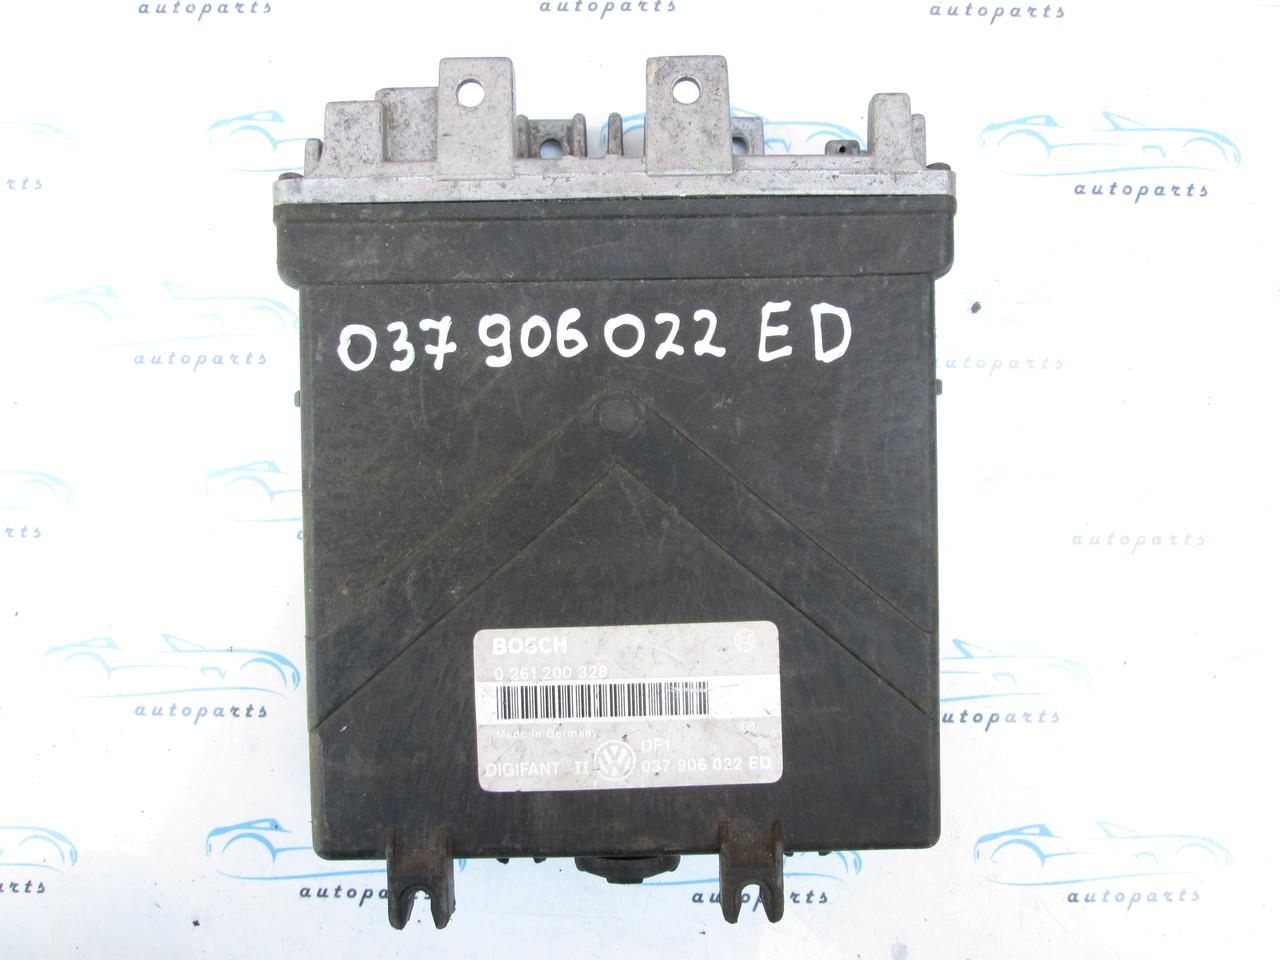 Блок управления VAG DIGIFANT 037906022ED, 0261200328.